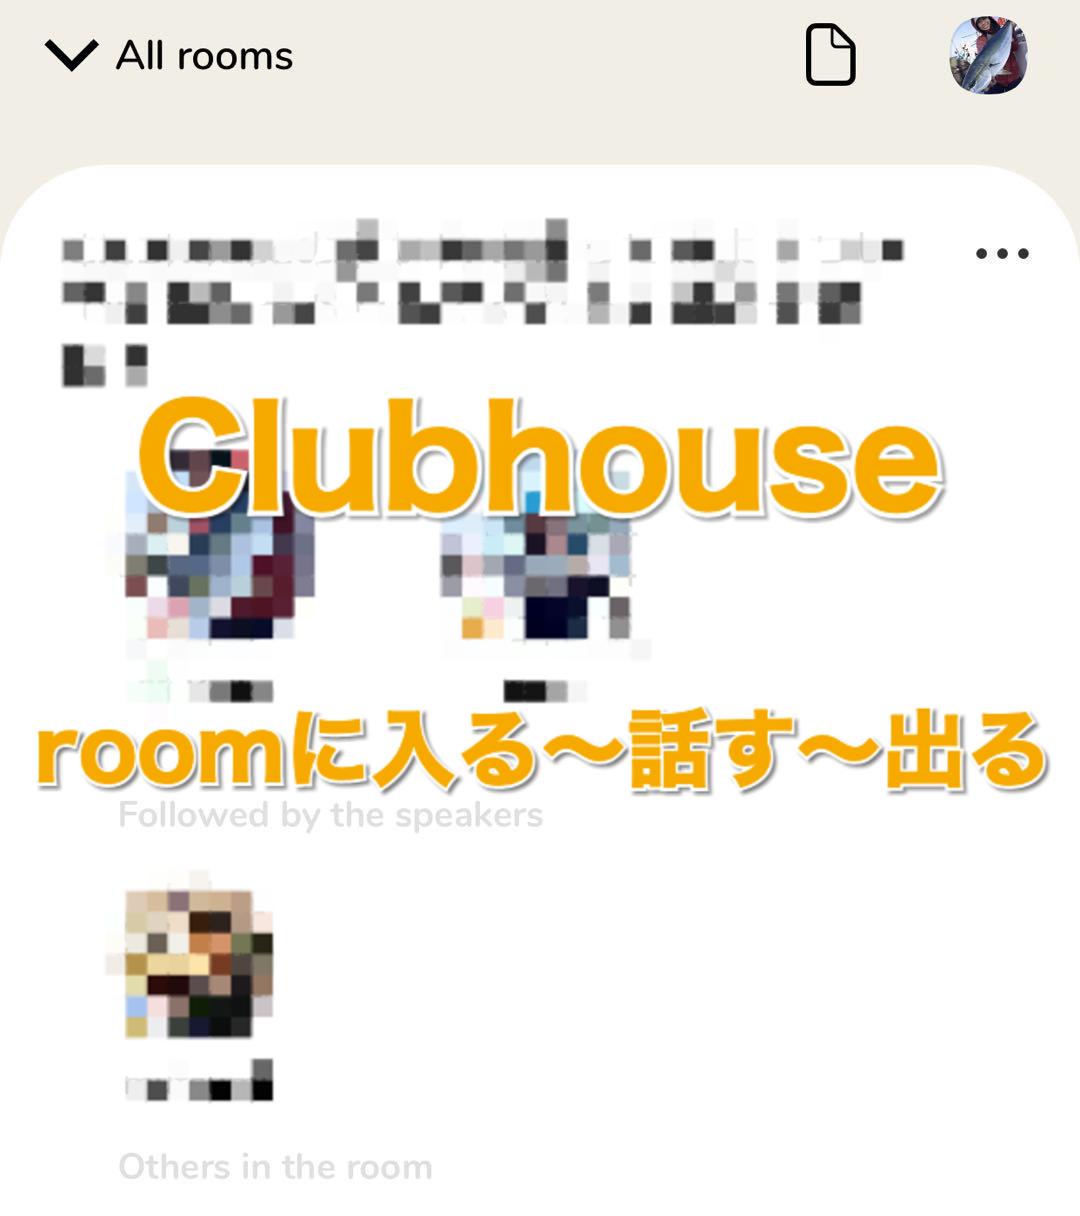 使い方 clubhouse